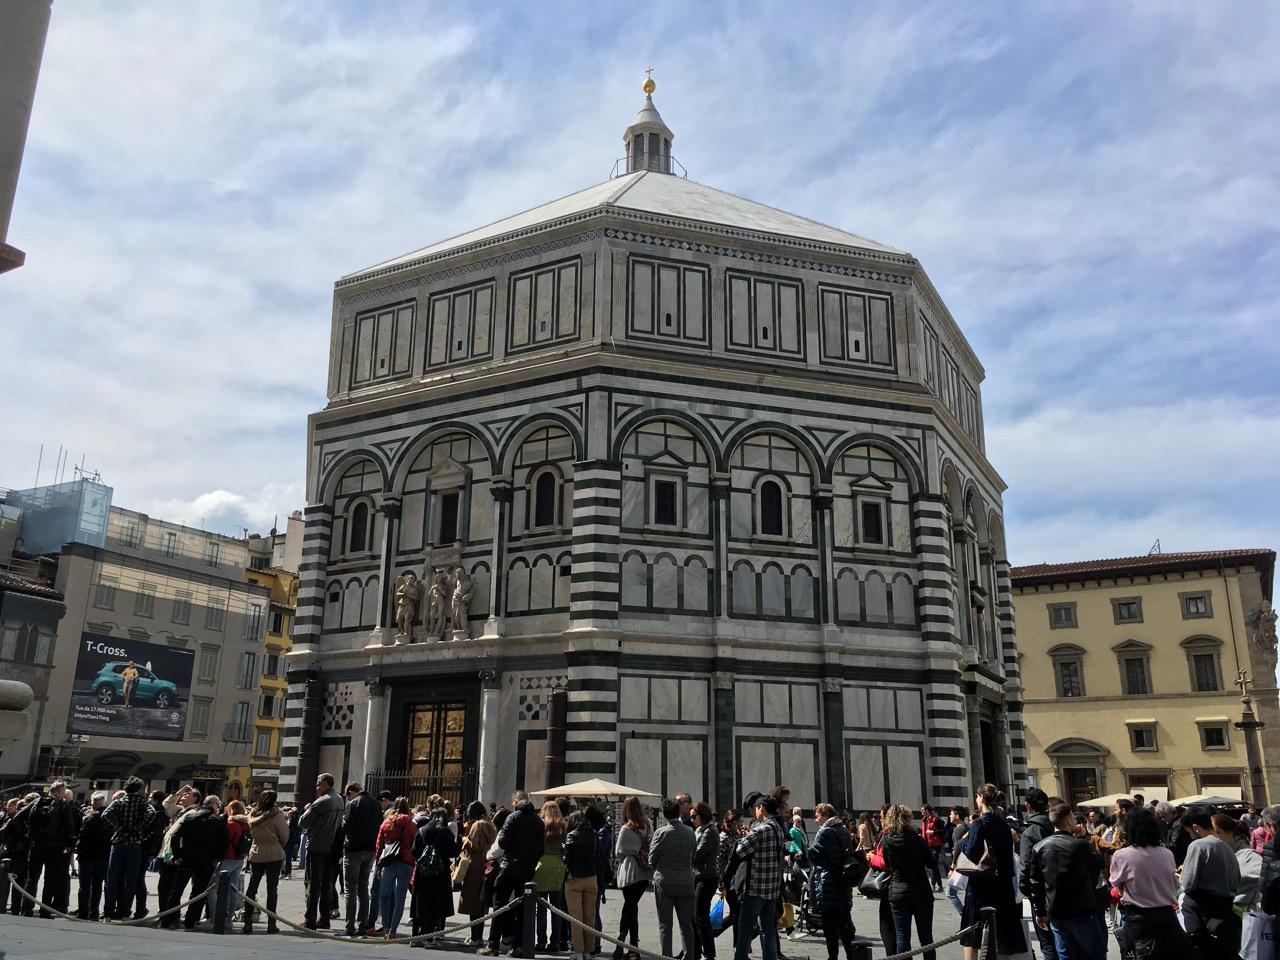 圣母百花大教堂对面的八角形洗礼堂